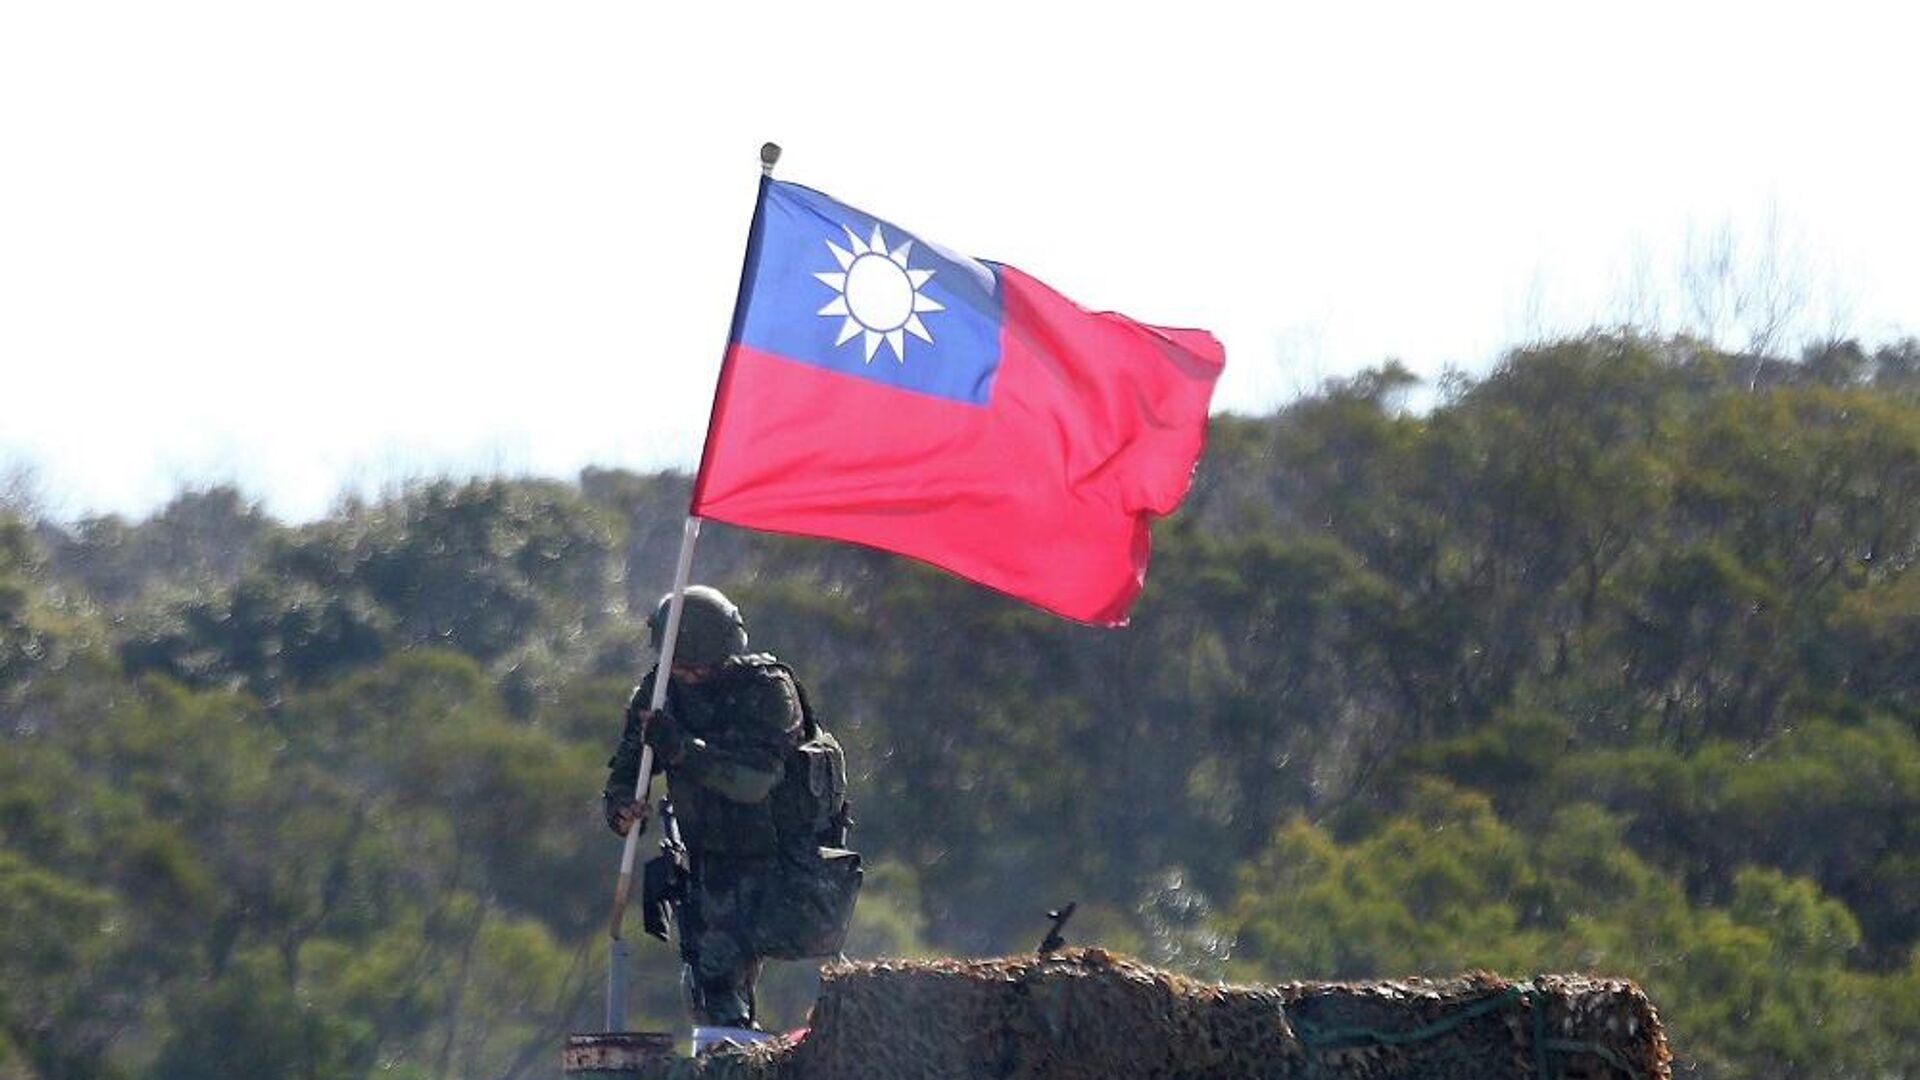 Στρατιώτης κρατάει τη σημαία της Ταϊβάν κατά τη διάρκεια στρατιωτικής άσκησης - Sputnik Ελλάδα, 1920, 06.10.2021